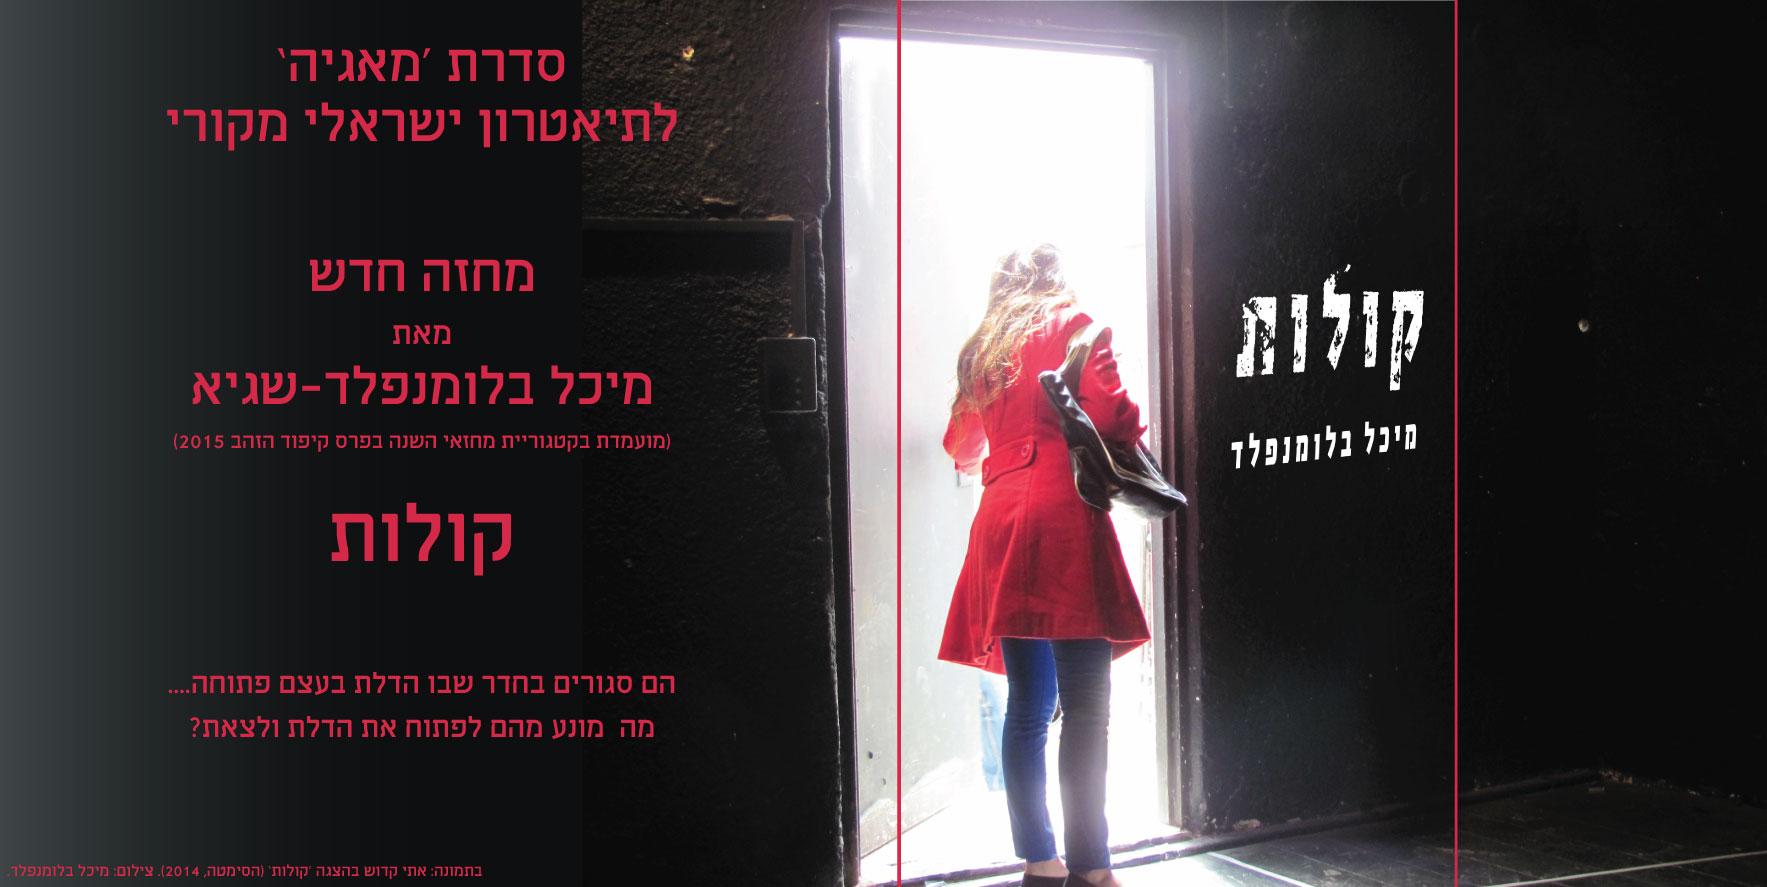 באנר פרסום לספר 'קולות'/מיכל בלומנפלד (צילום על העטיפה: מיכל בלומנפלד)